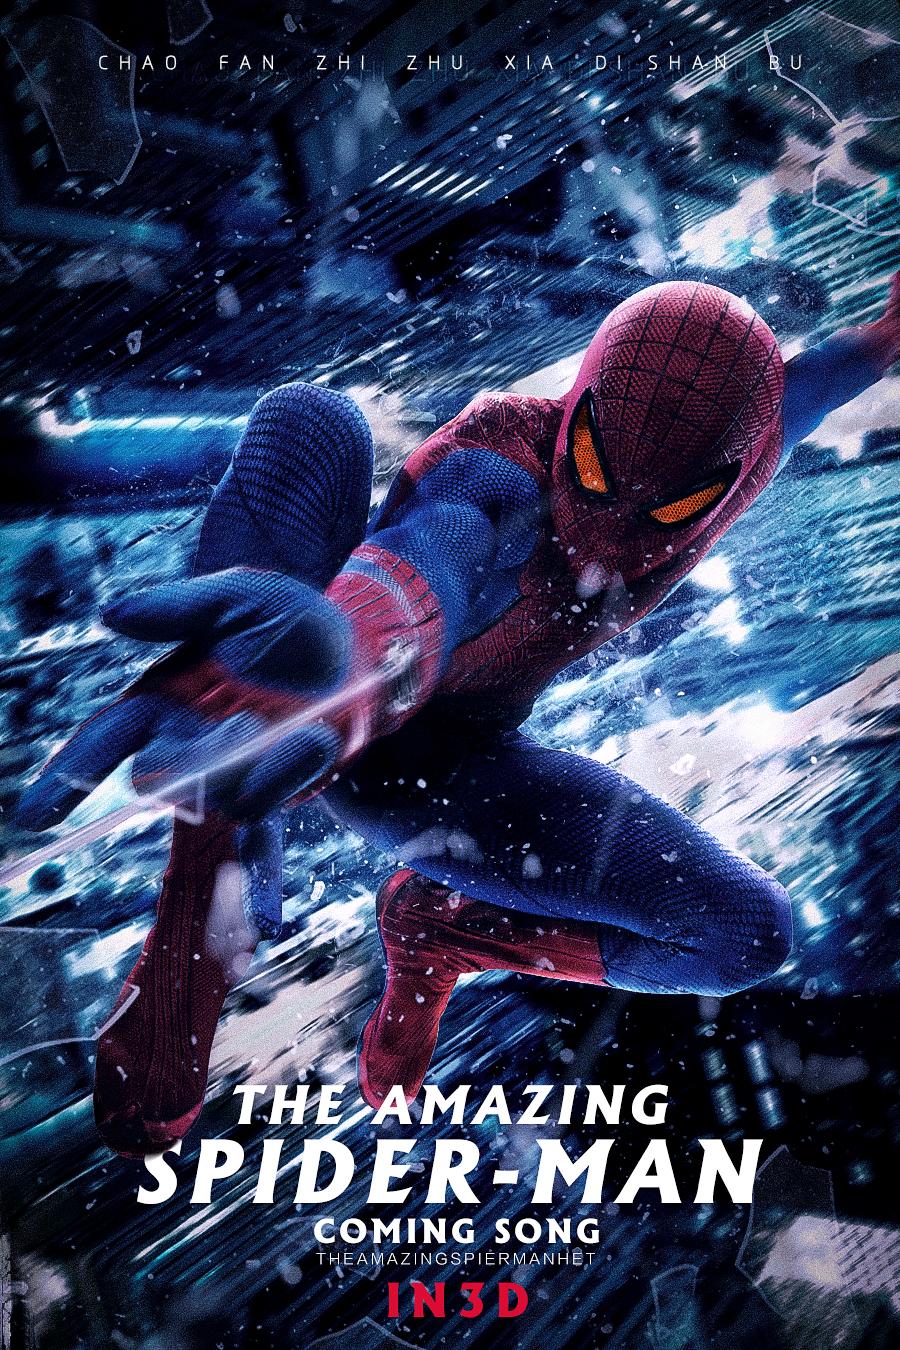 蜘蛛侠英雄归来图片